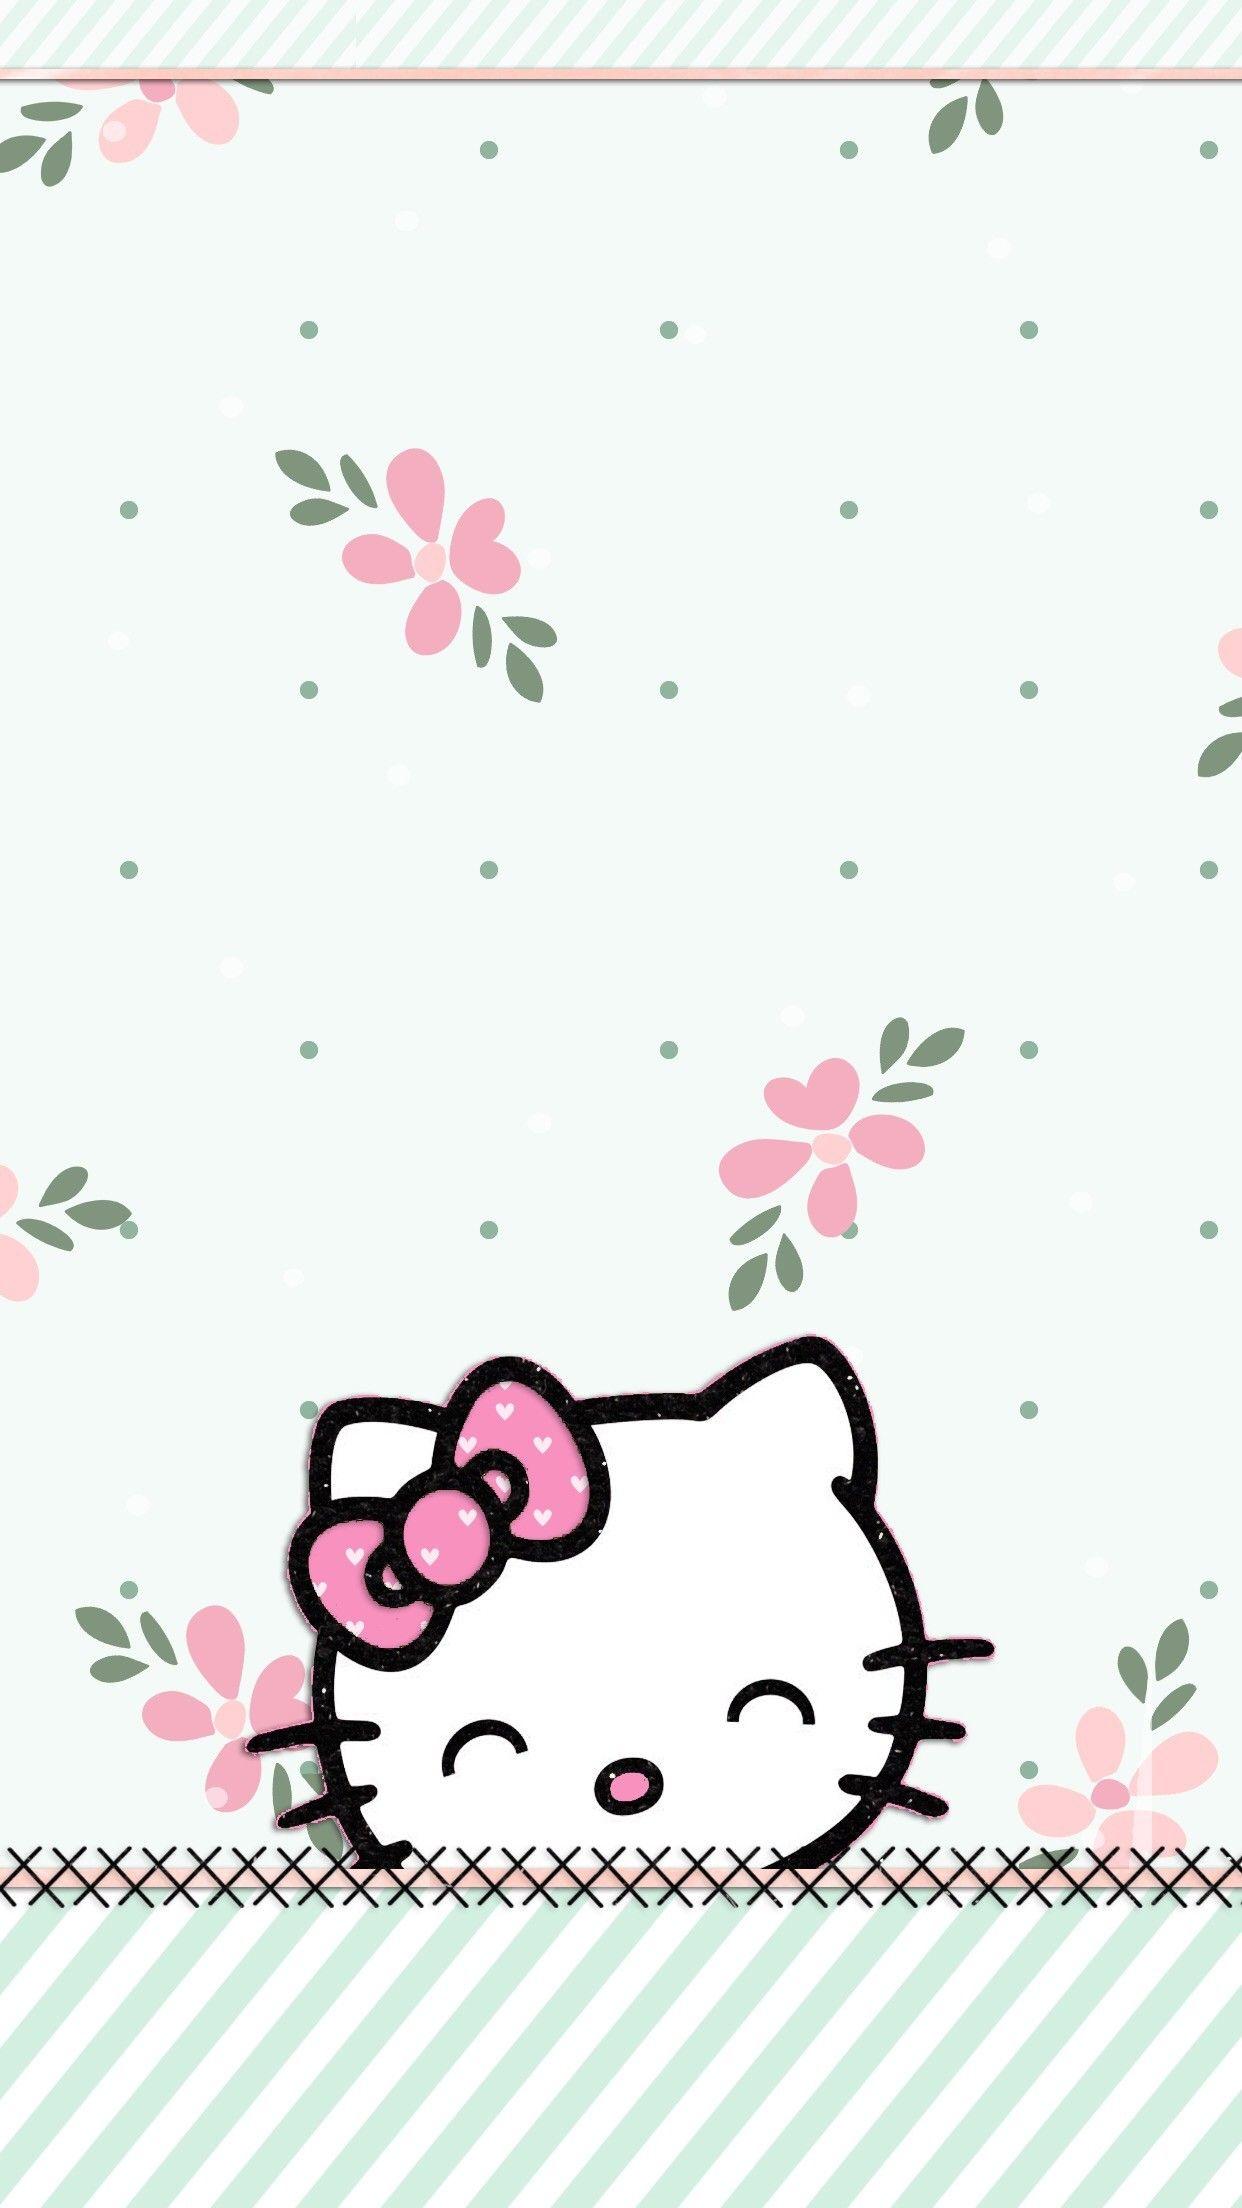 47 Hello Kitty Cute Wallpaper On Wallpapersafari